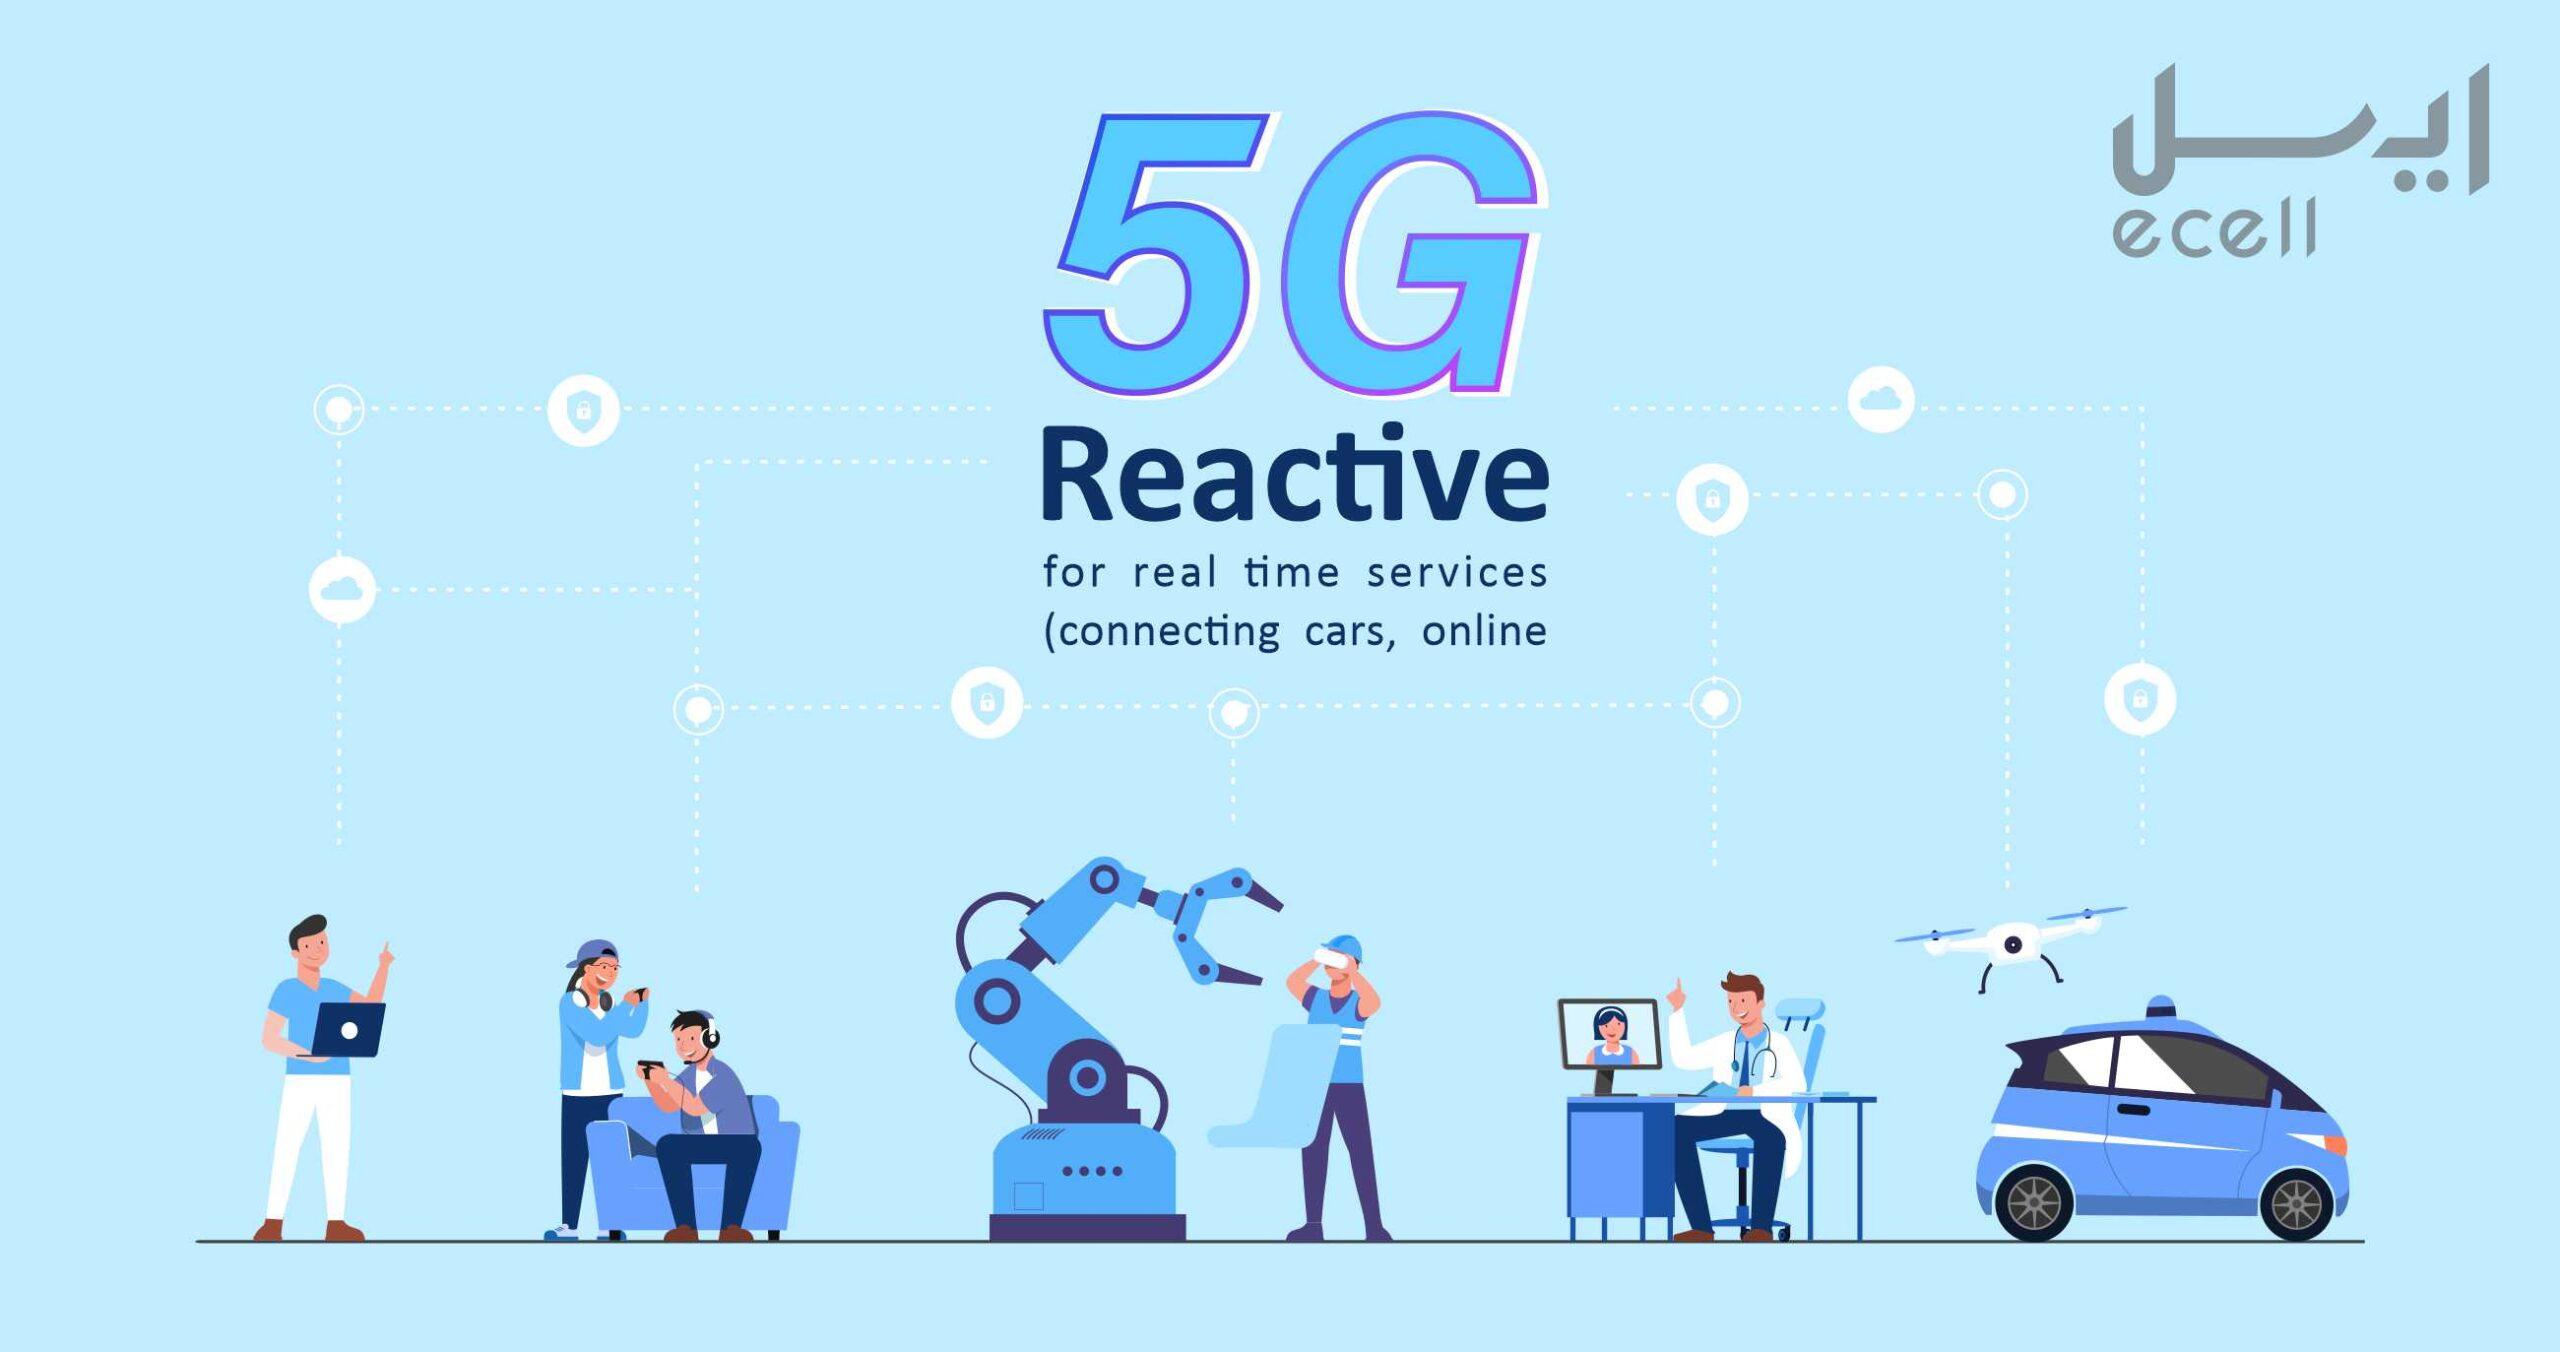 گوشیهای دارای اینترنت 5g